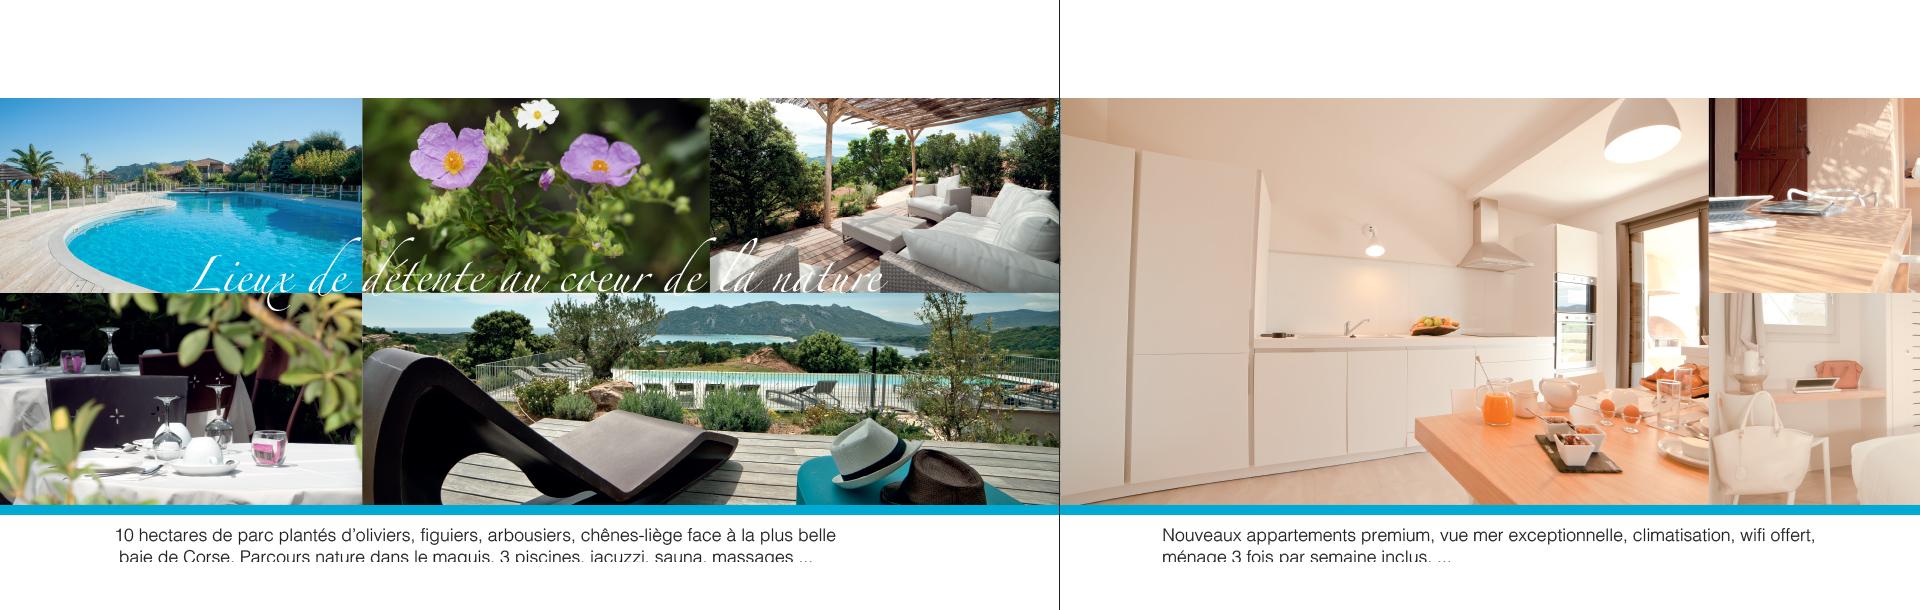 Brochure en 3 volets - Graphisme pour hôtels indépendants de luxe